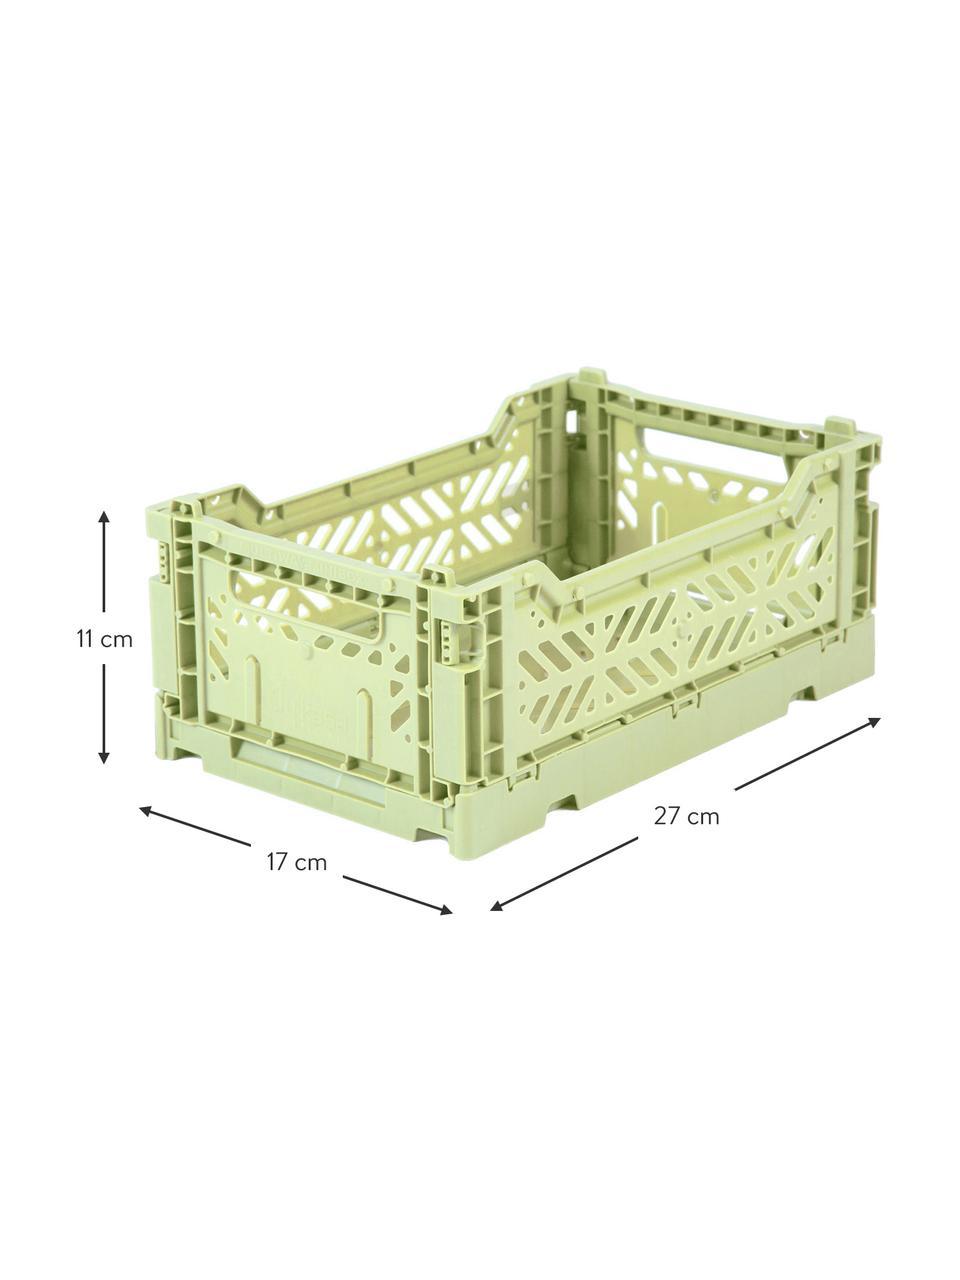 Cesto piccolo pieghevole e impilabile Melon, Materiale sintetico riciclato, Verde melone, Larg. 27 x Alt. 11 cm